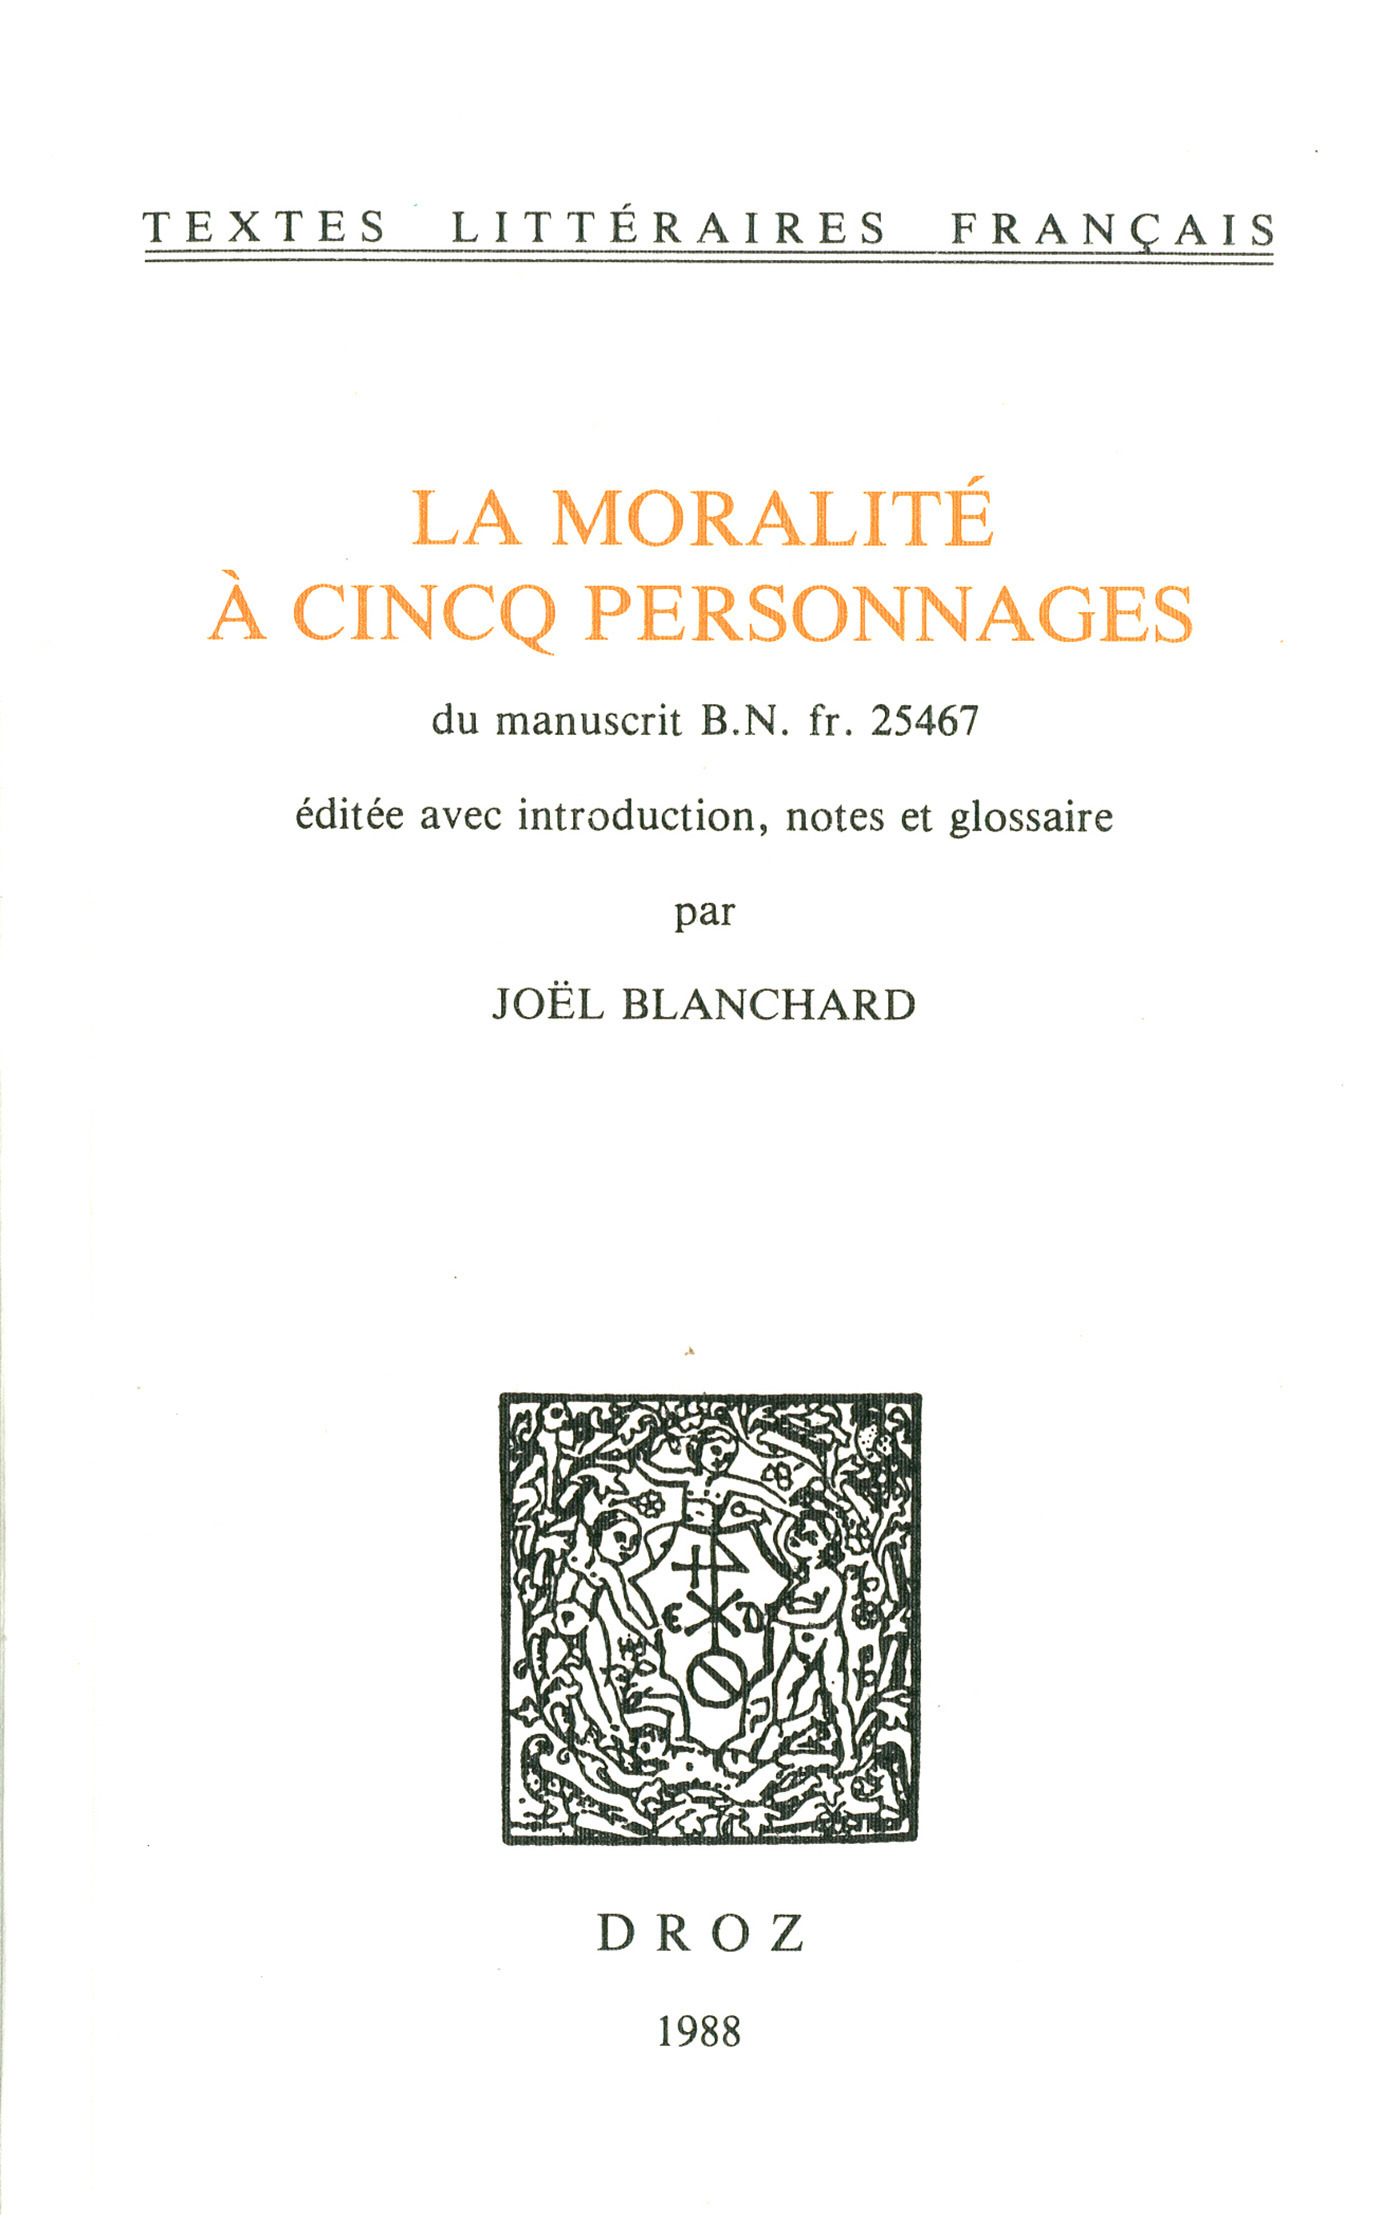 La Moralité à cincq personnages. Du manuscrit B.N. fr. 25467  - Joël Blanchard